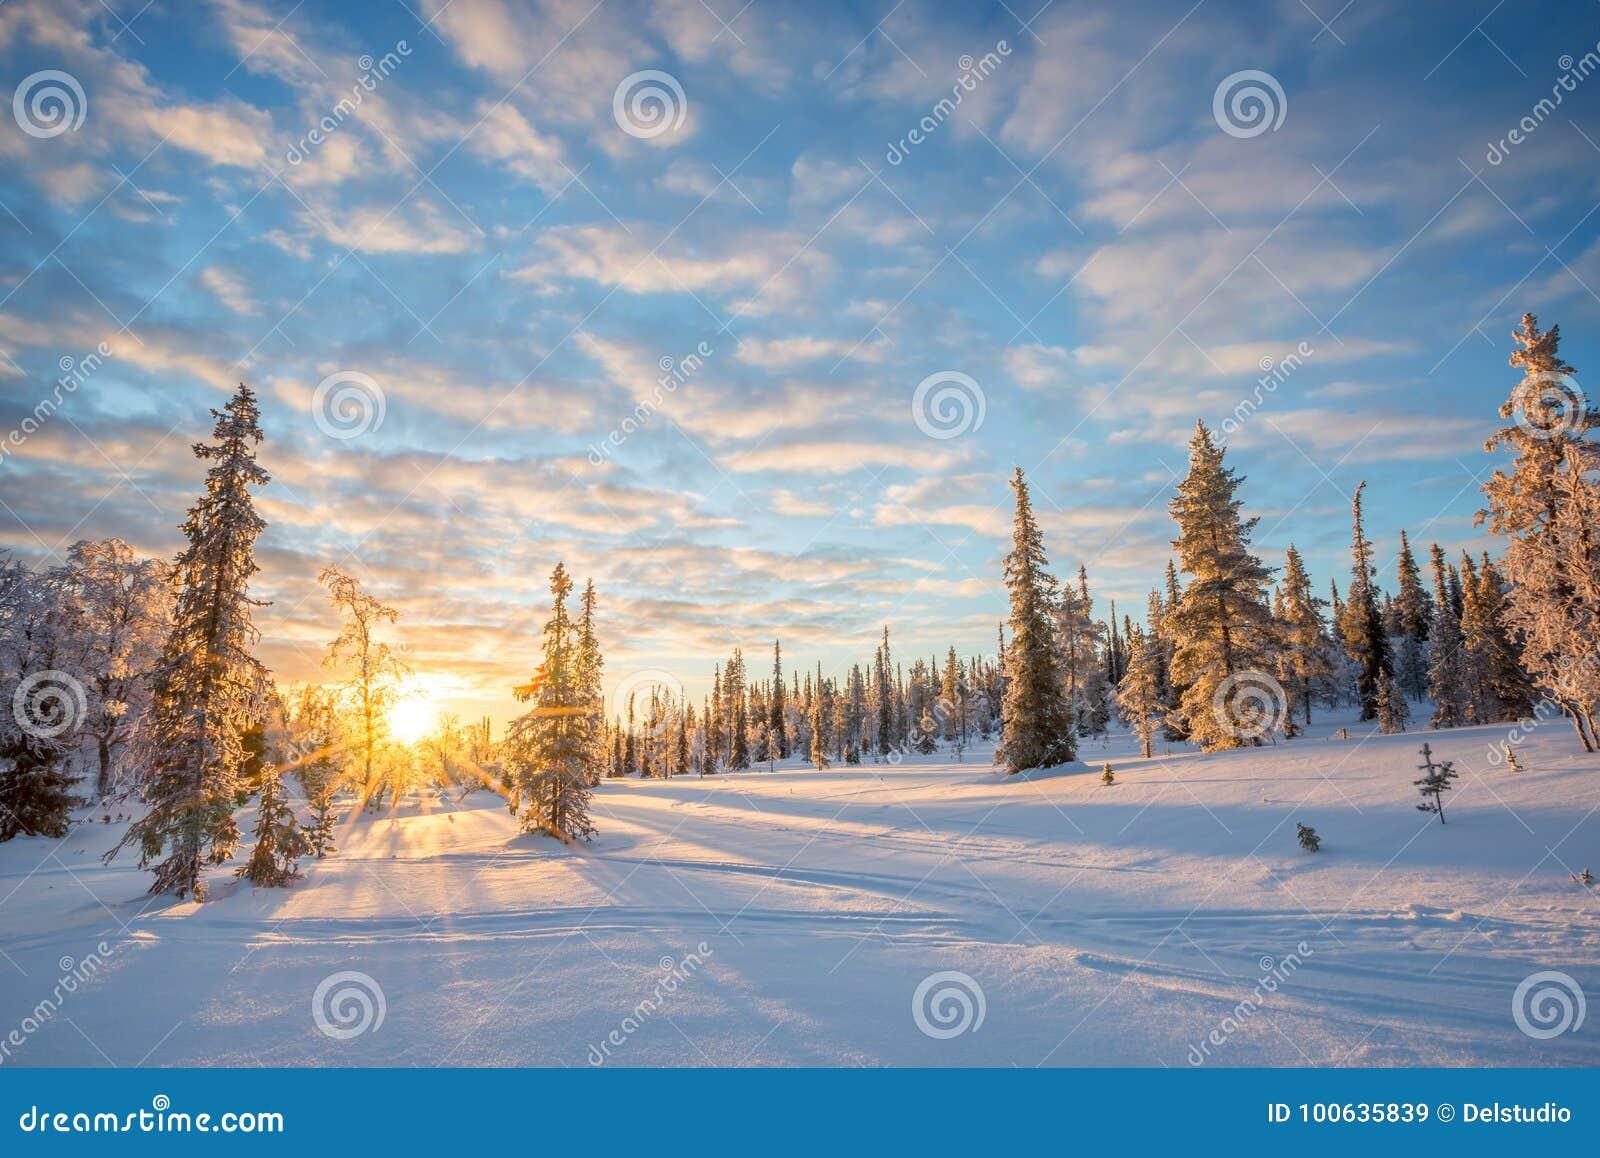 Sneeuwlandschap bij zonsondergang, bevroren bomen in de winter in Saariselka, Lapland Finland